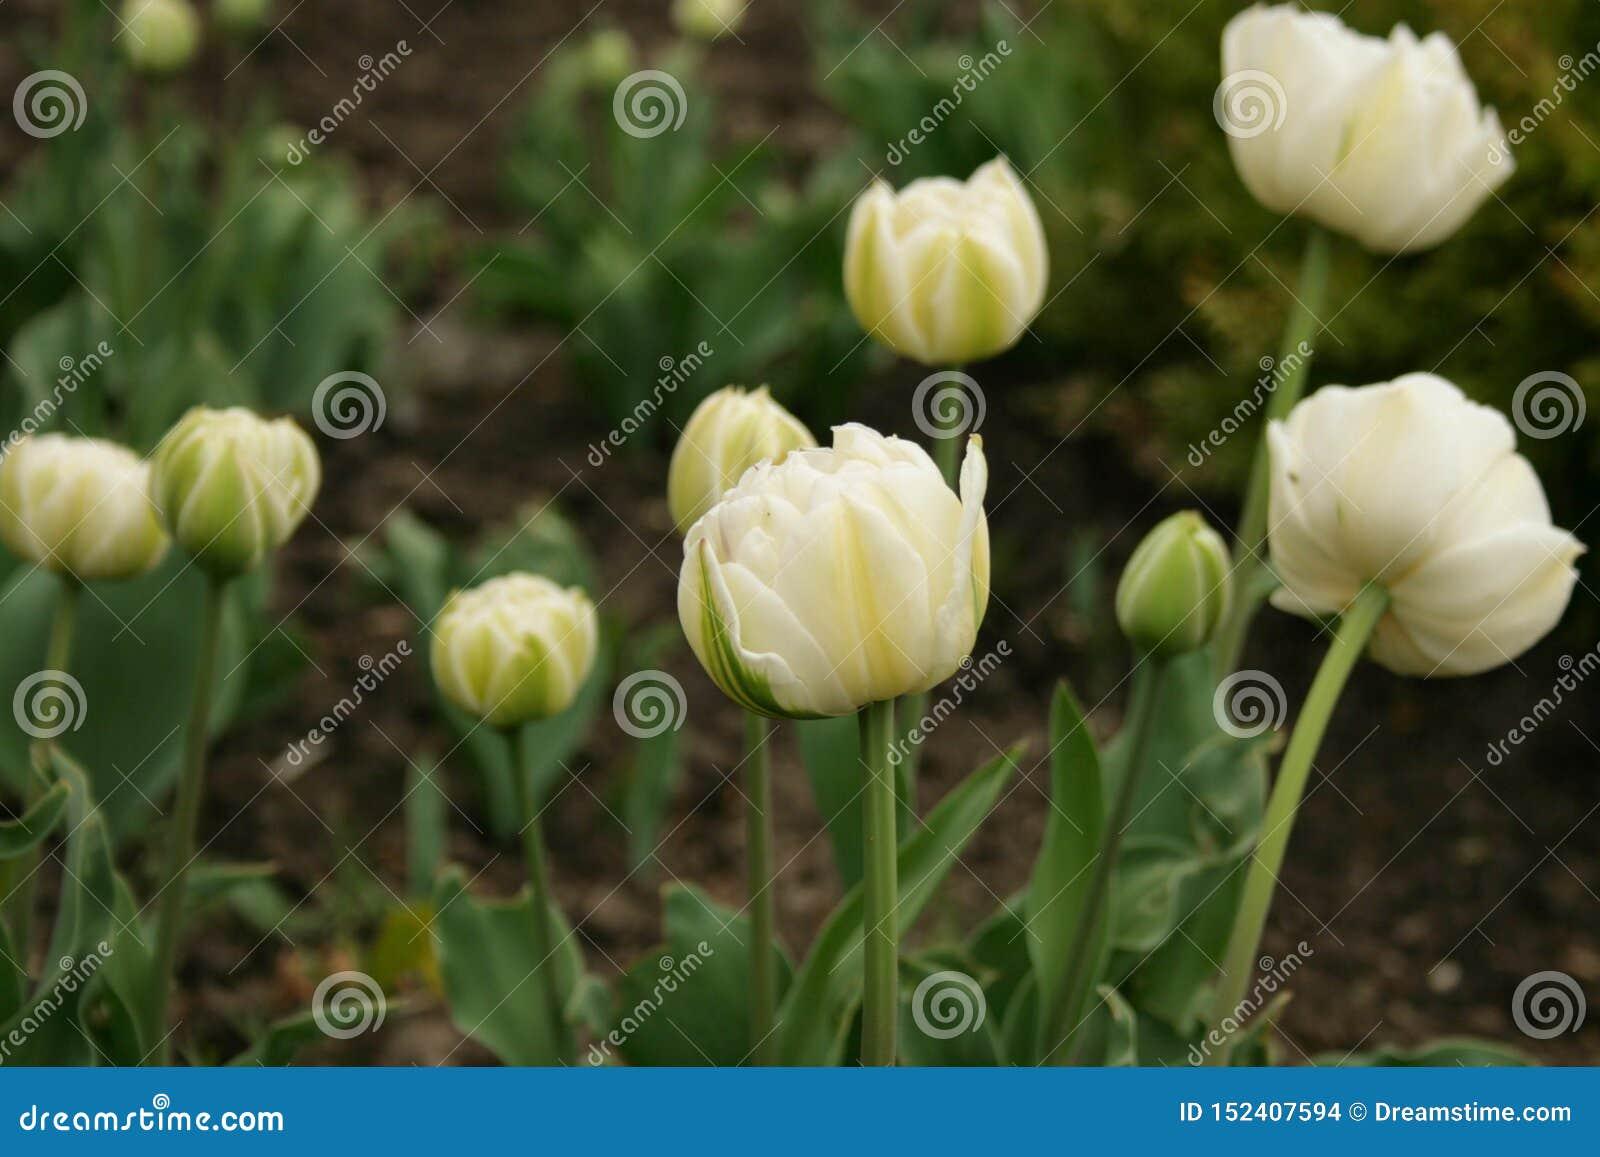 De bloemen van de lente - witte tulpen